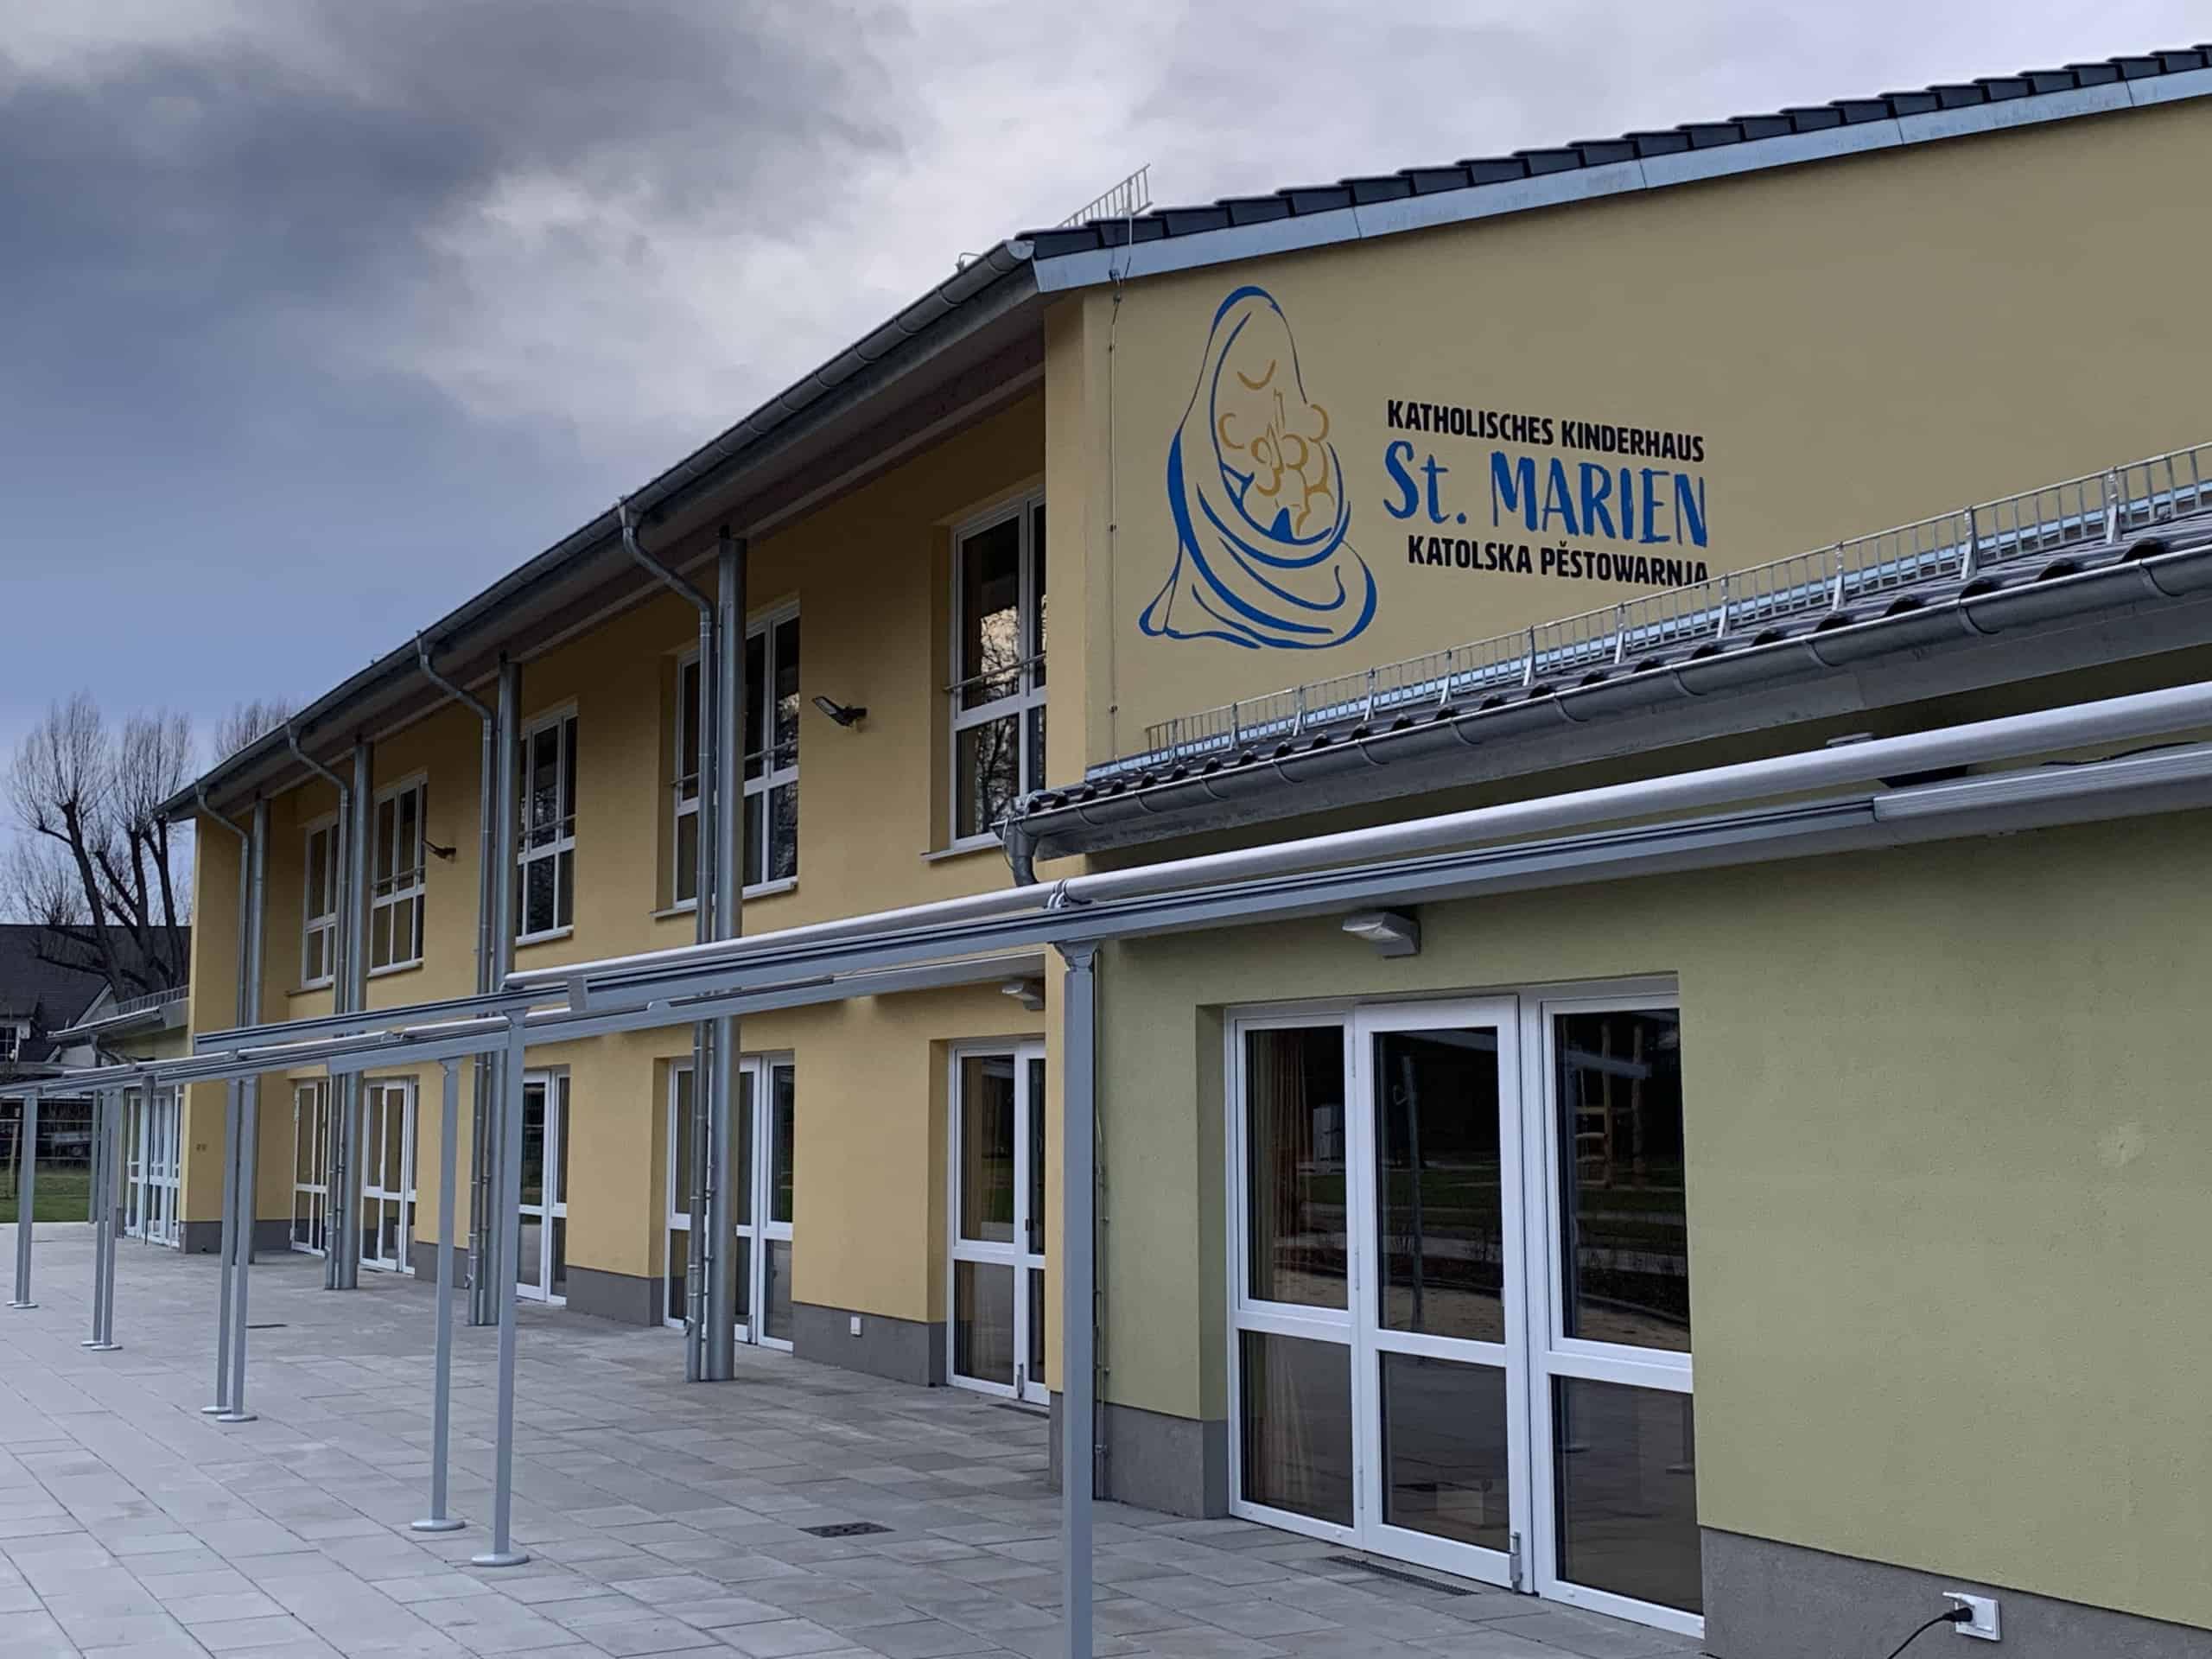 Kinderhaus St. Marien Wittichenau